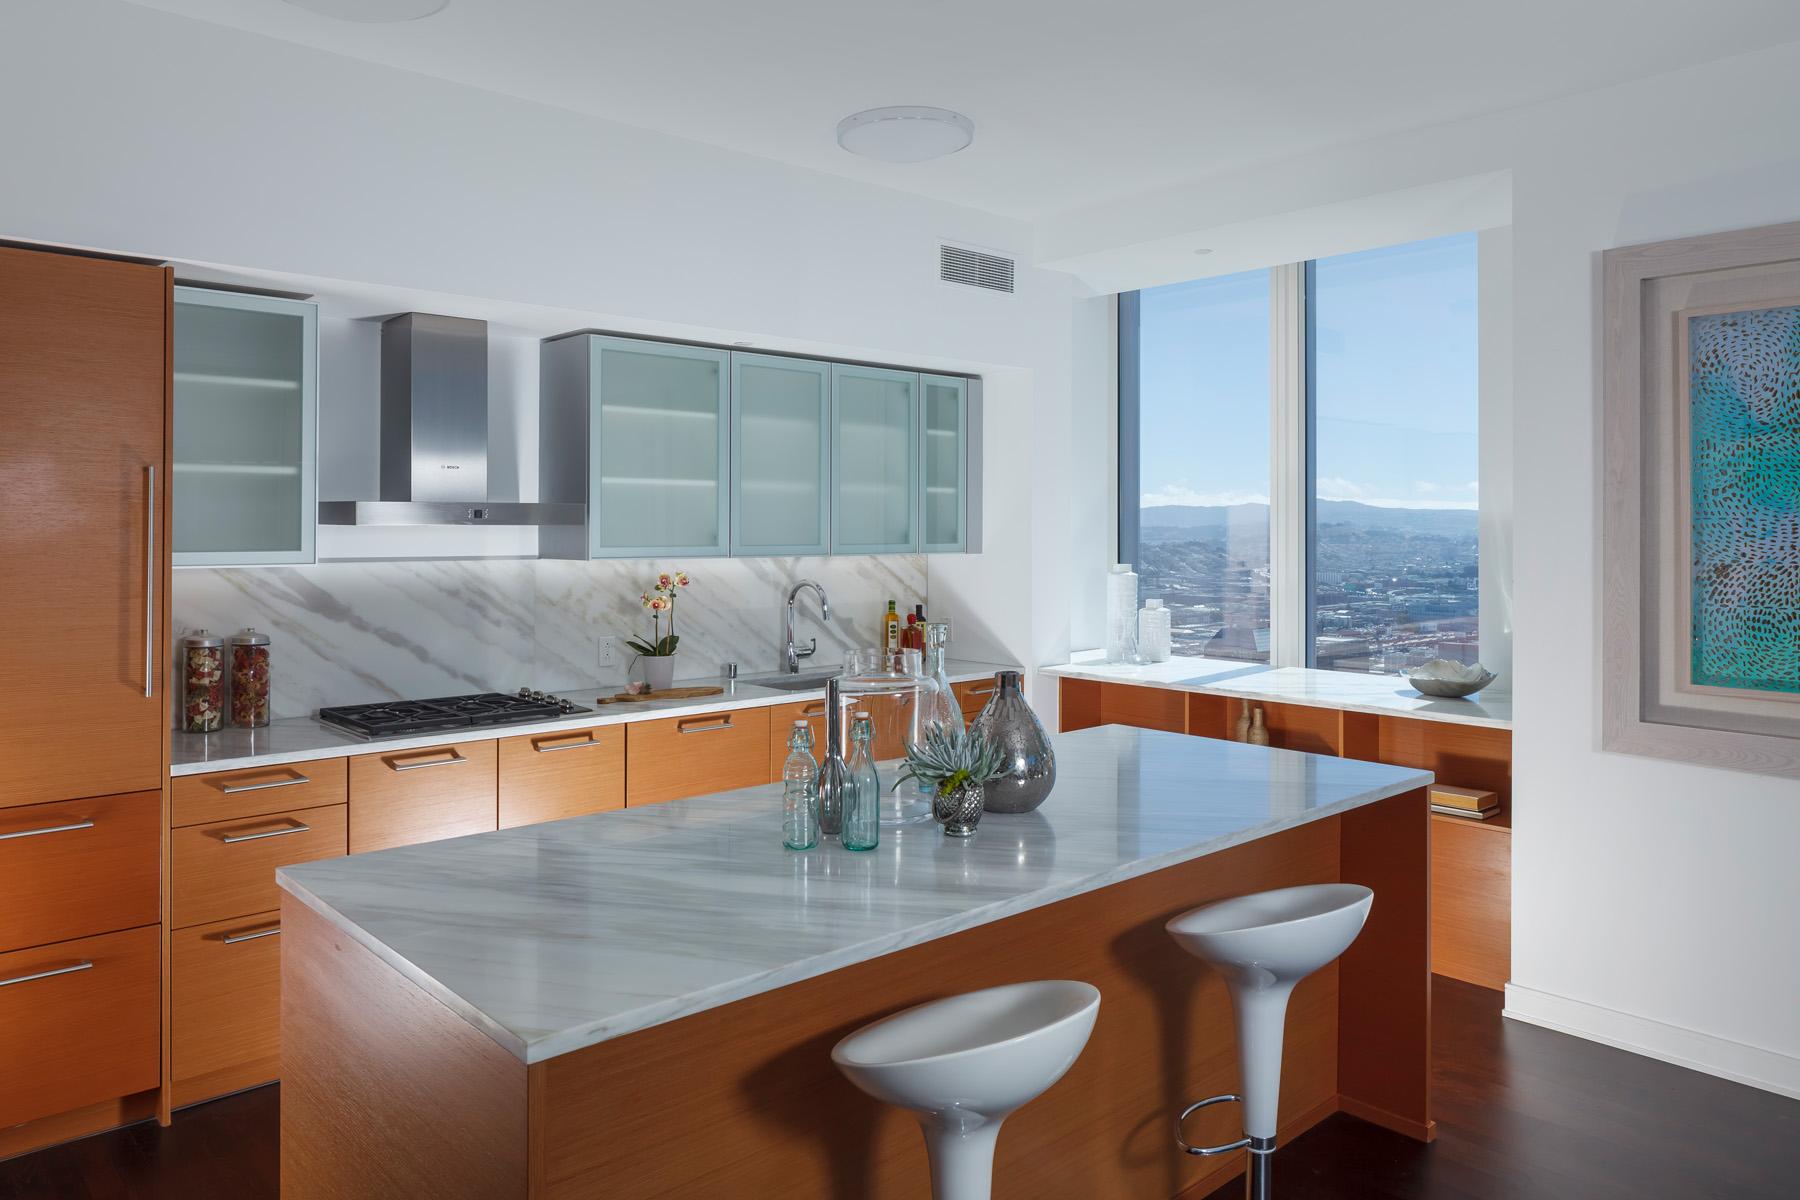 Kitchen_7676.jpg